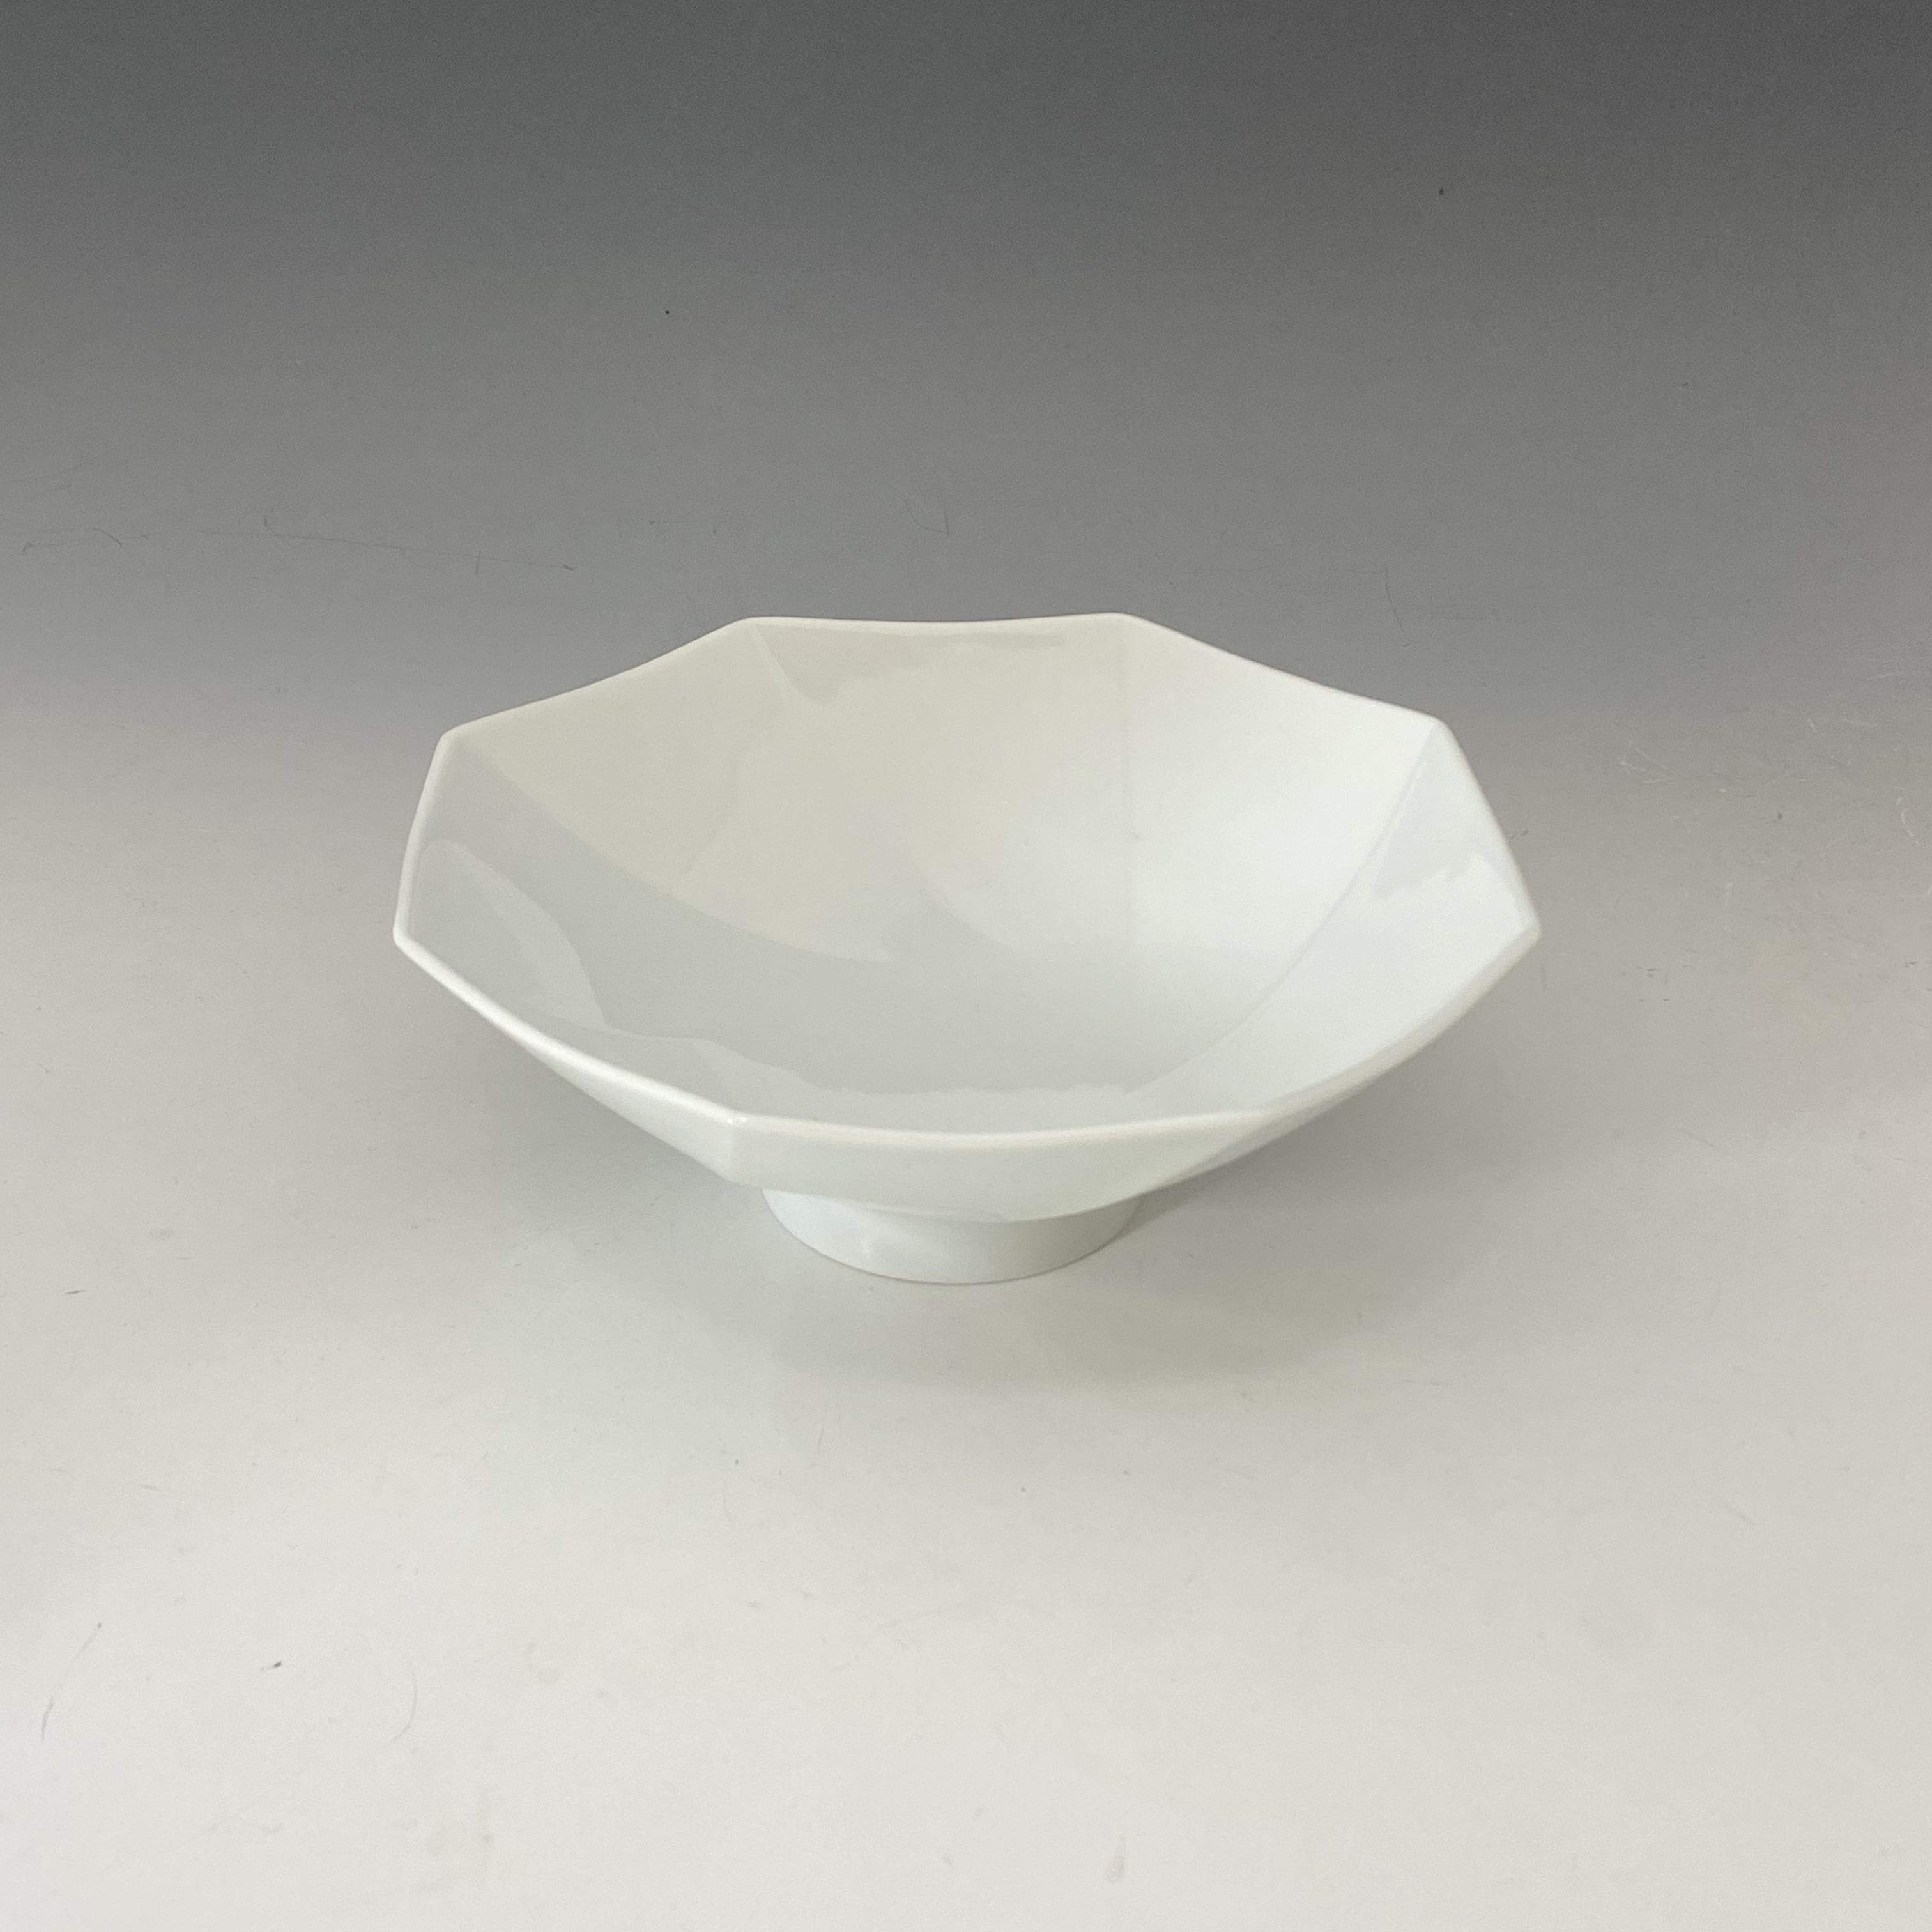 【中尾純】白磁八角鉢